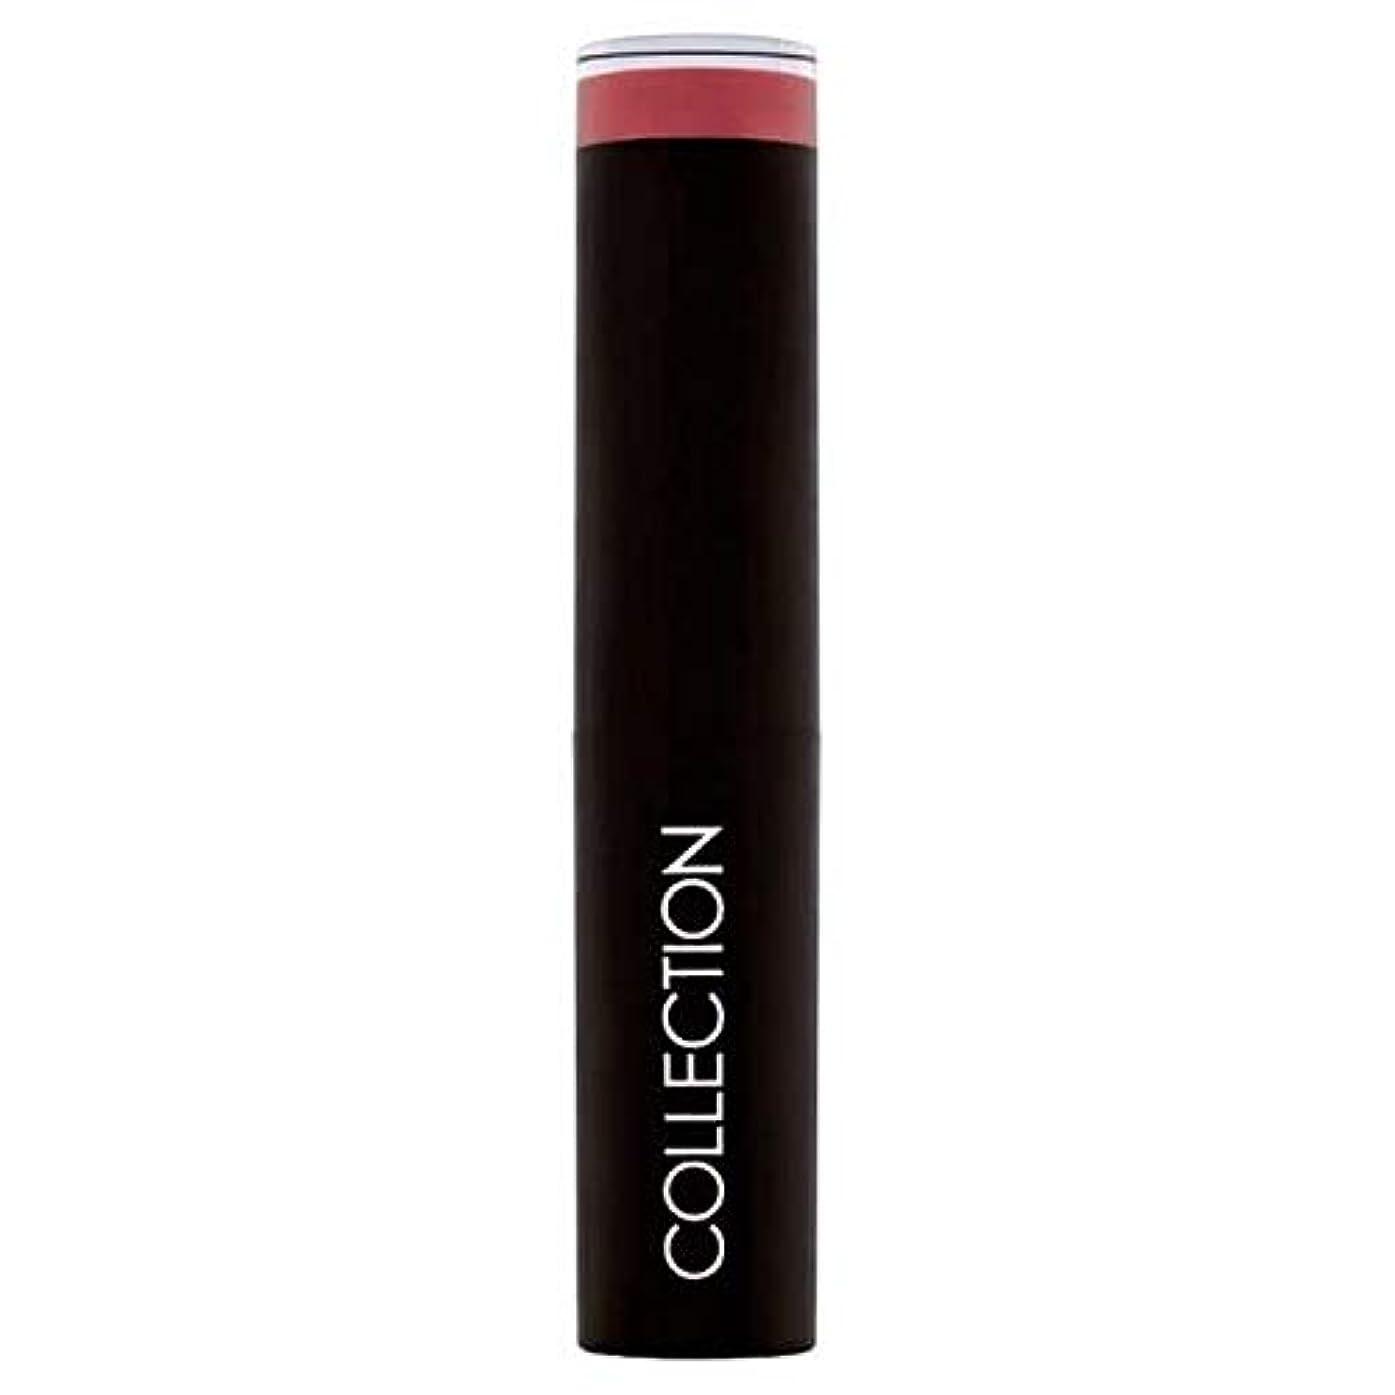 それら媒染剤電化する[Collection ] コレクション強烈な輝きゲル口紅破砕梅3 - Collection Intense Shine Gel Lipstick Crushed Plum 3 [並行輸入品]